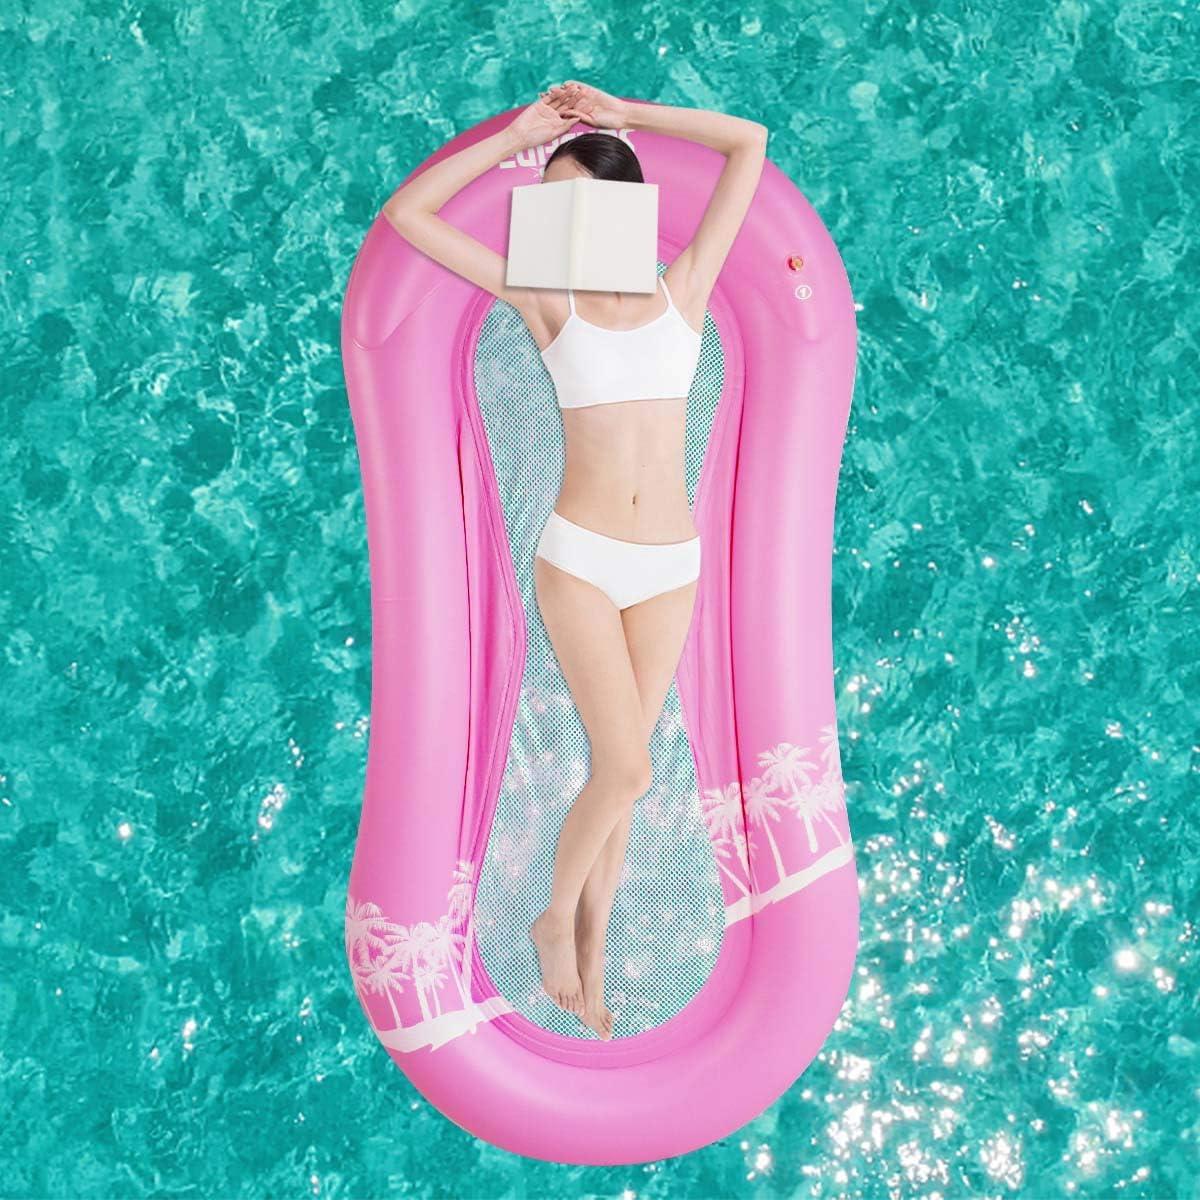 Yinuoday Hamaca Flotante para Piscina Sala de Natación Flotante para Piscina con Malla Inferior Hamaca Portátil para Hamacas de Agua para Adultos Vacaciones Diversión Y Descanso